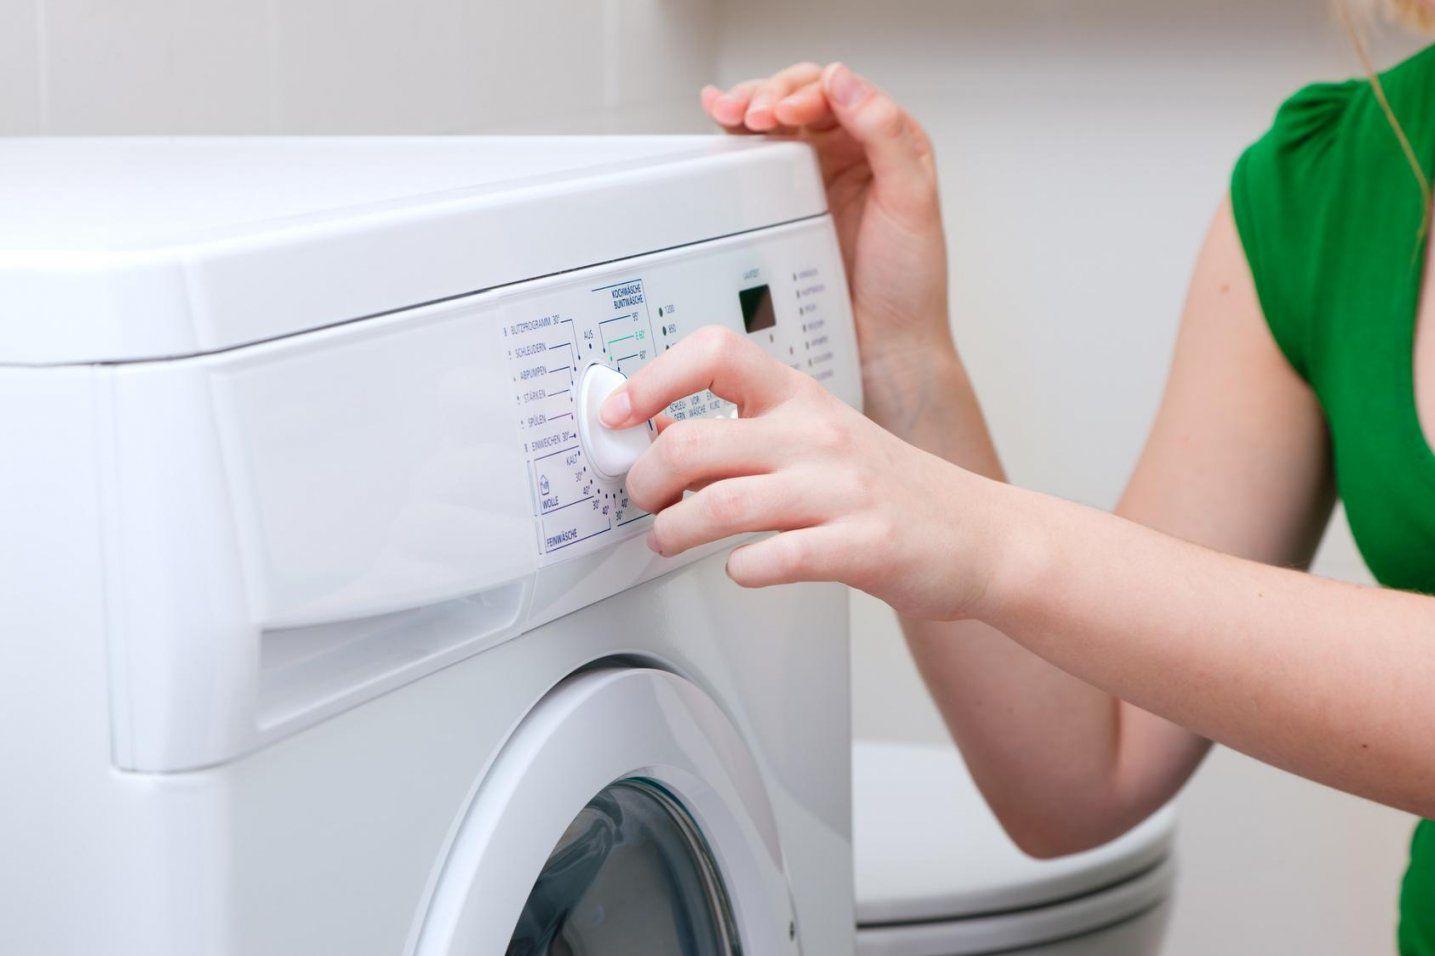 30 60 Oder 90 Grad  Umweltbundesamt von Unterwäsche Waschen Wieviel Grad Photo